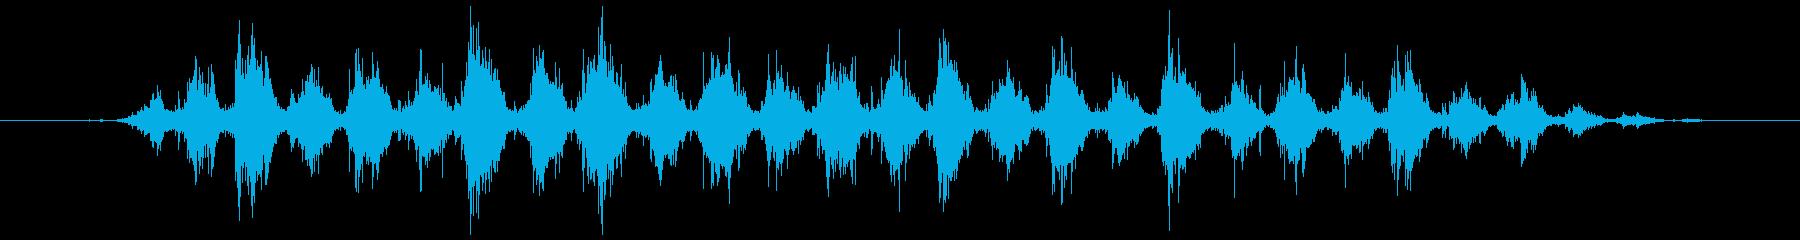 歯磨きする音 短め(シャカシャカ…)の再生済みの波形